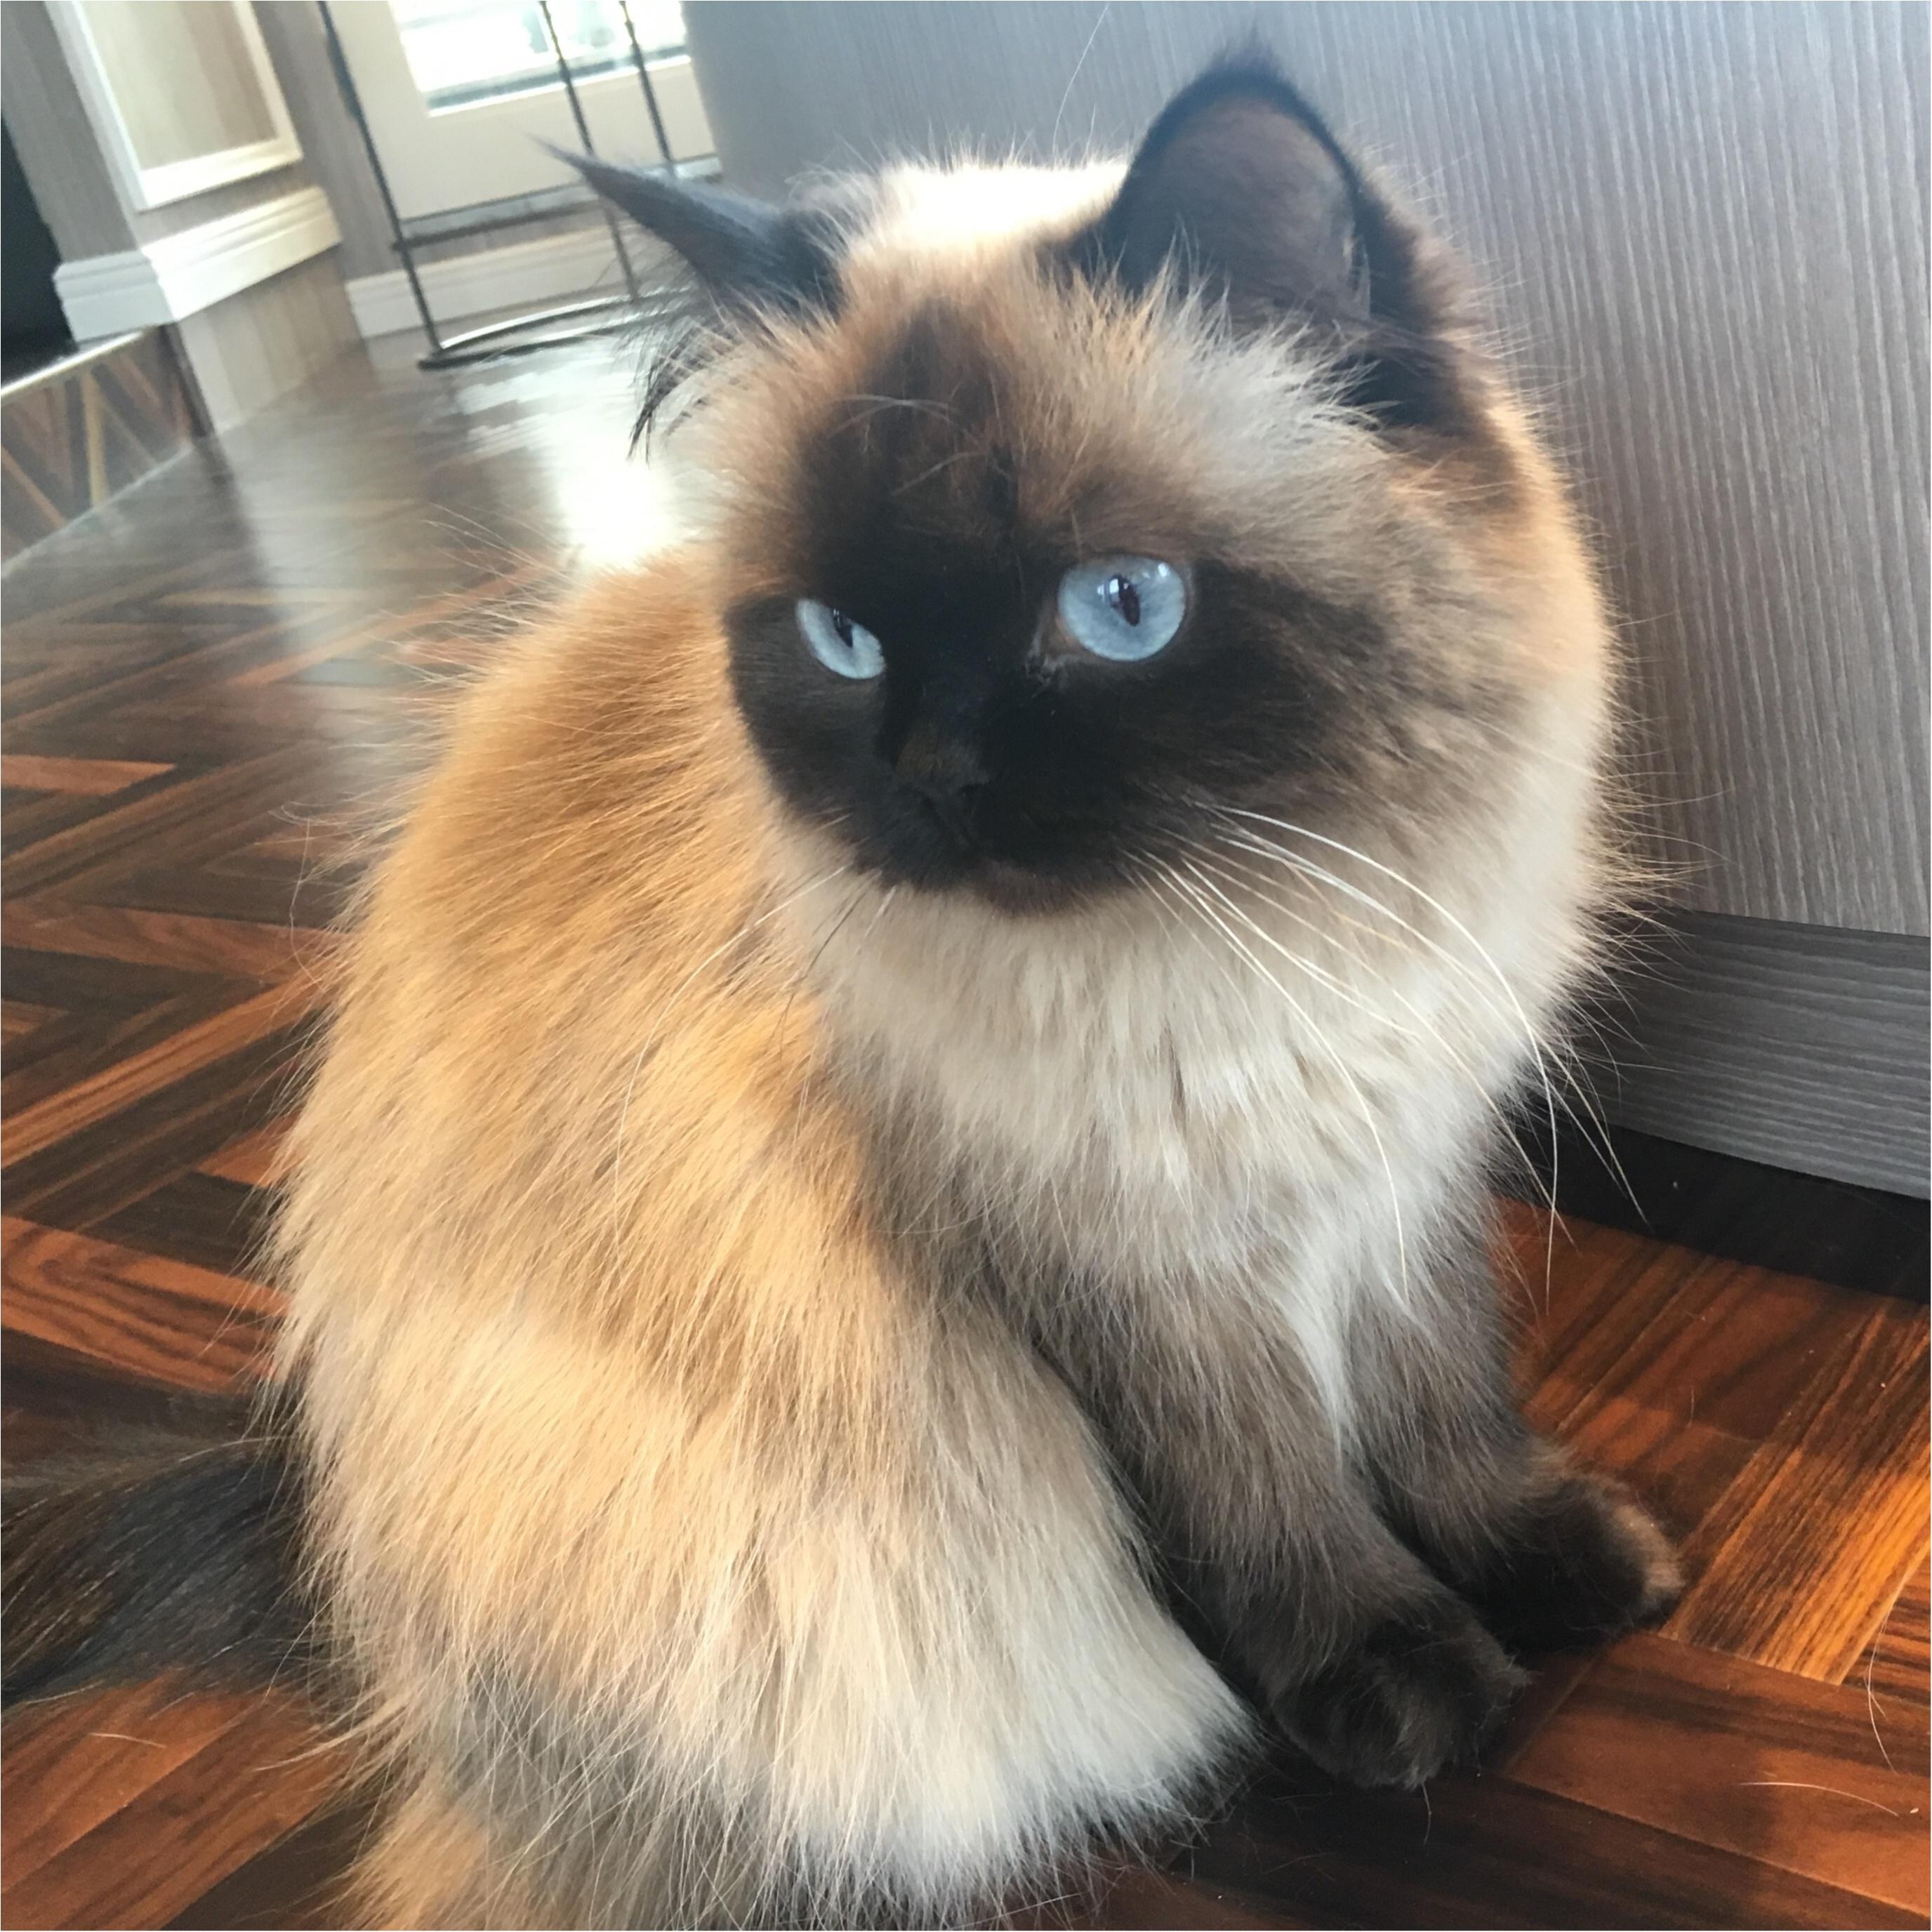 【猫カフェ】渋谷で癒しの猫カフェ♡今ならカワイイ子猫にも会えちゃう♪_16